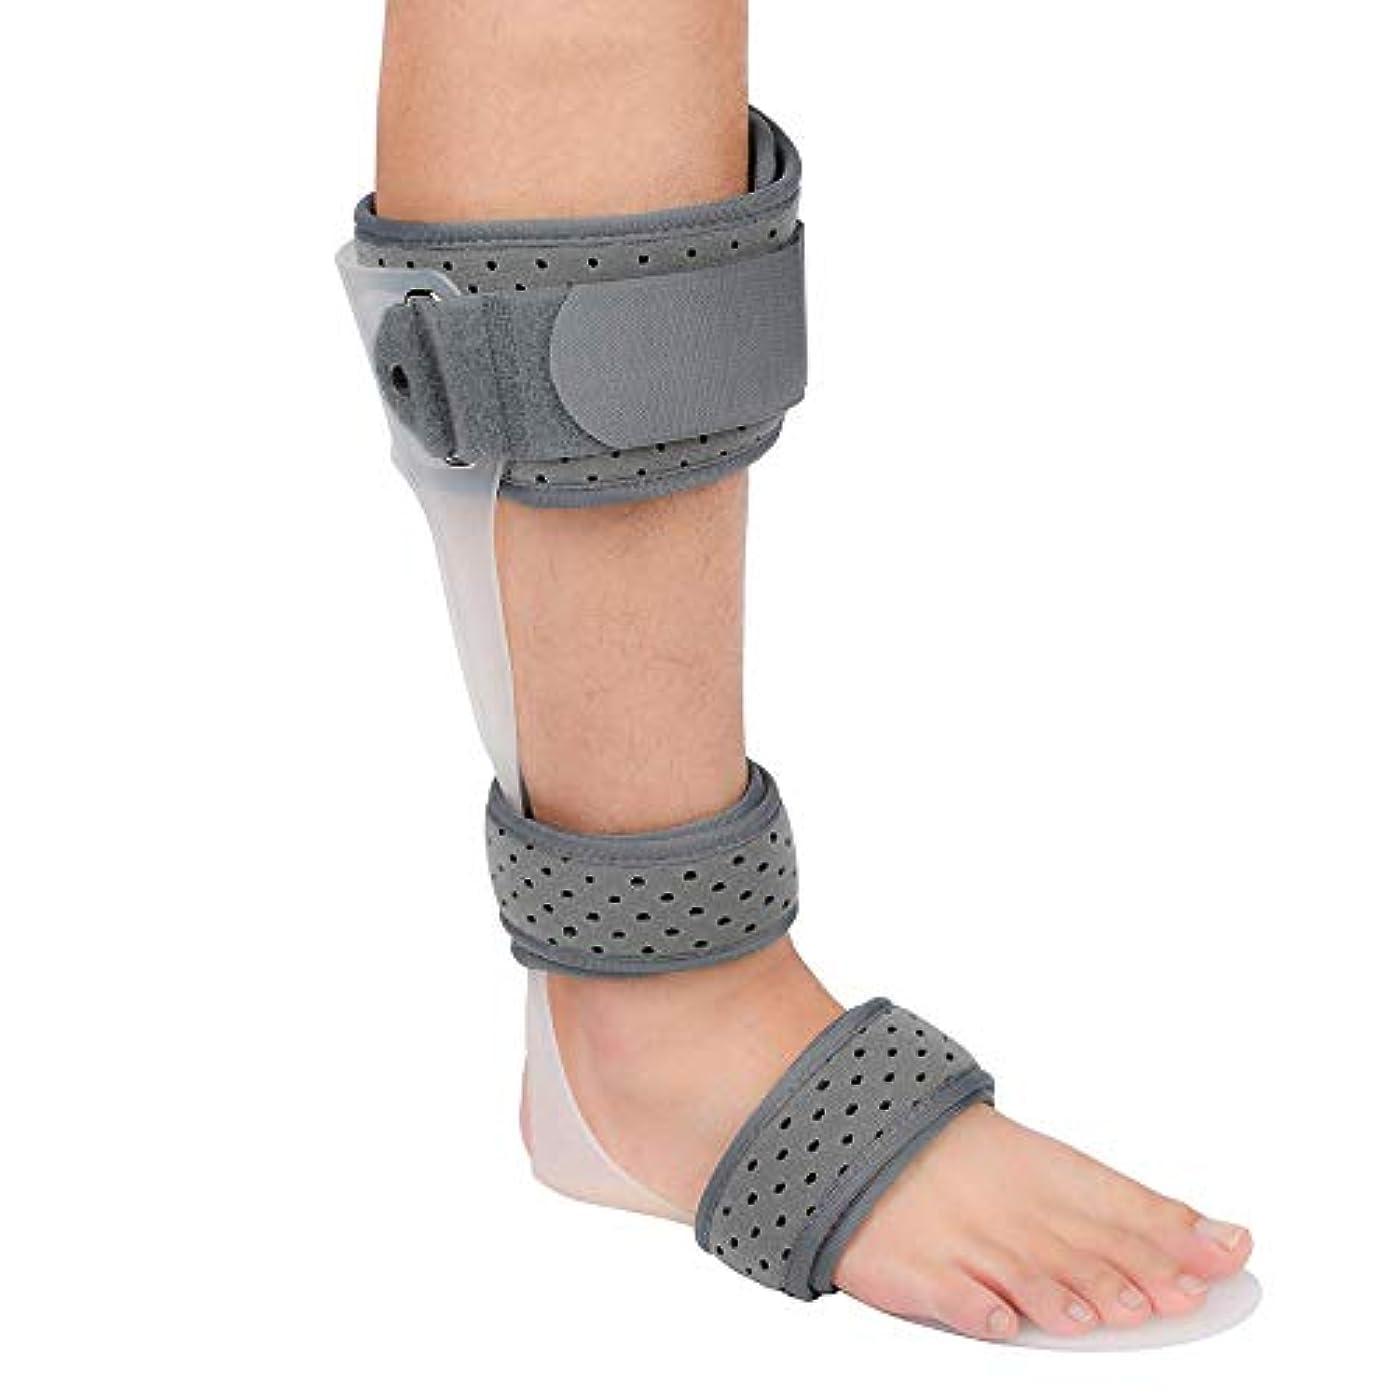 むしろひまわり成り立つ足首装具フットドロップブレース、足首スタビライザーブレース、足ドロップ副木、足首保護用補正ブレース